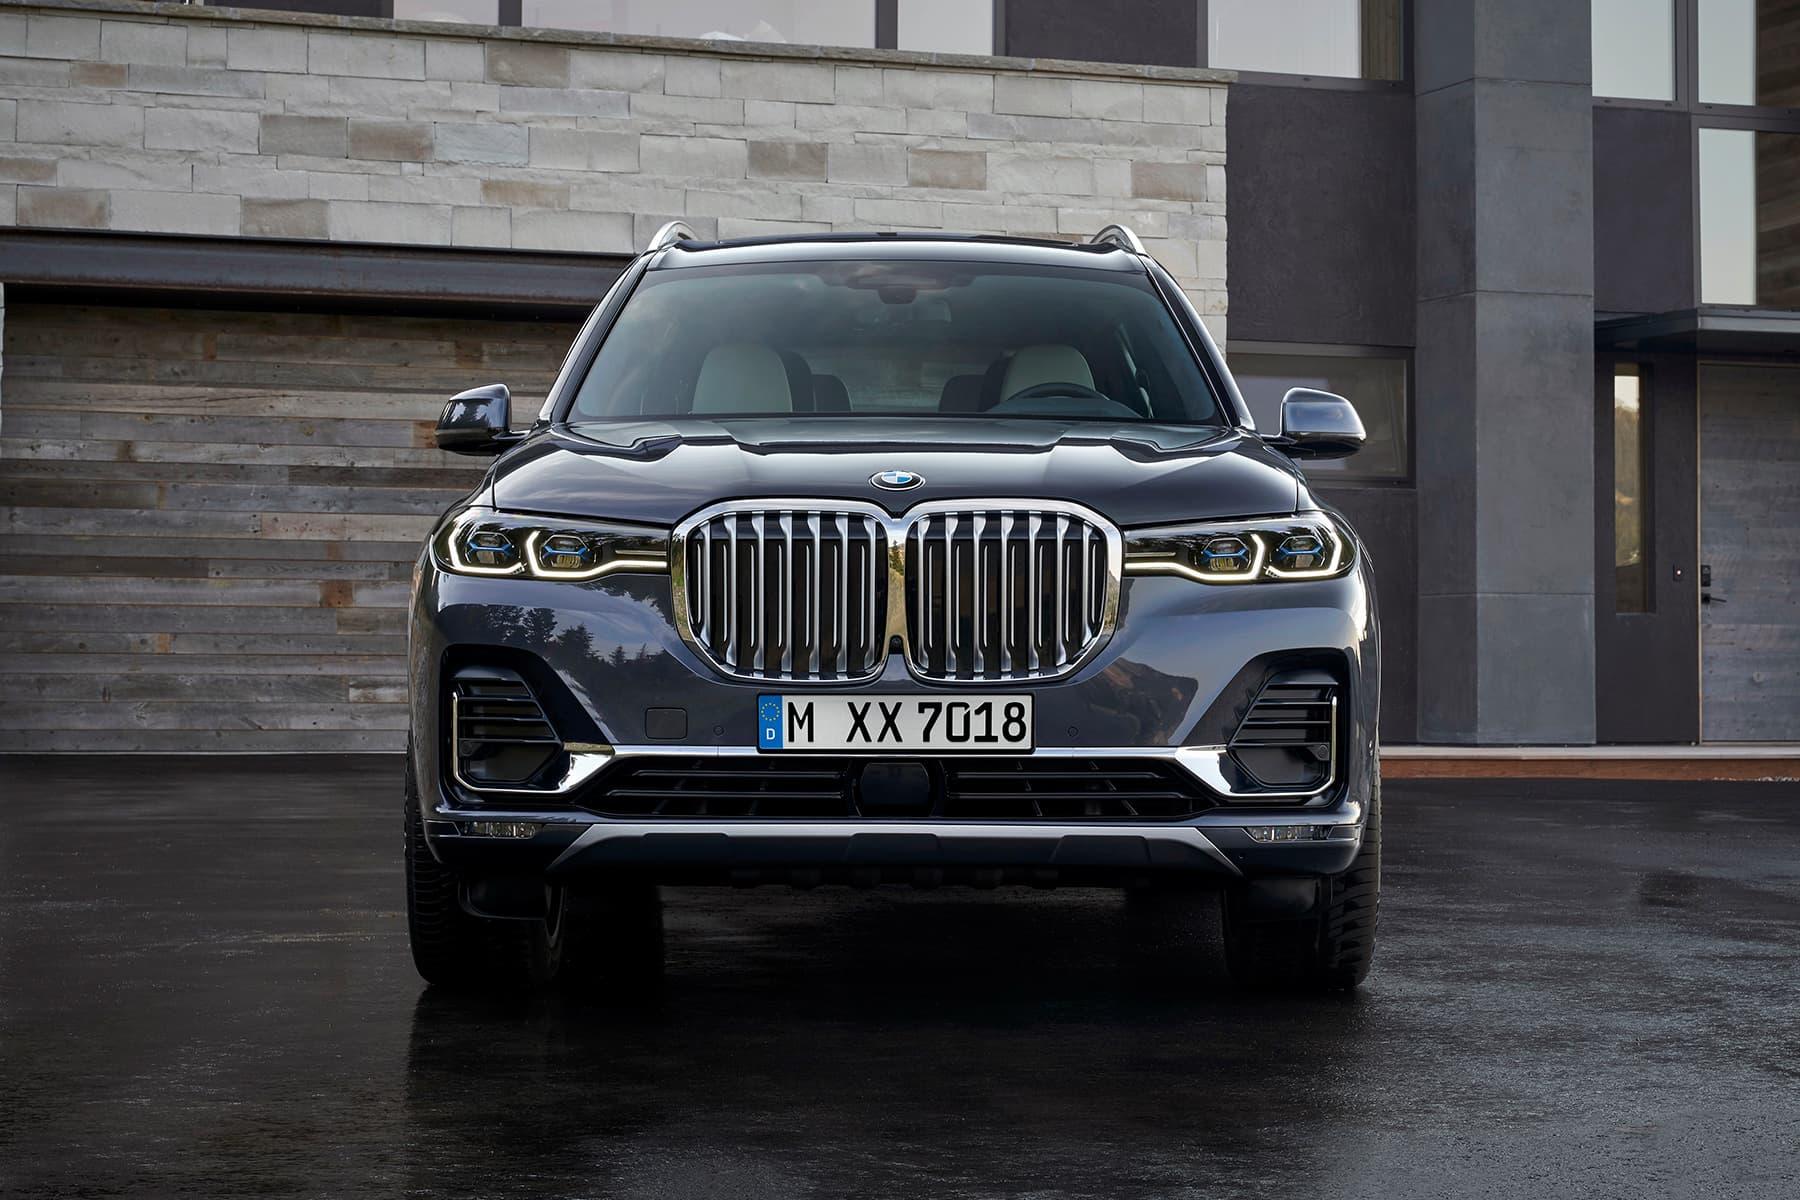 BMW が武骨さとラグジュアリーさを兼備するブランド史上最大の超大型SUVモデル X7 を発表